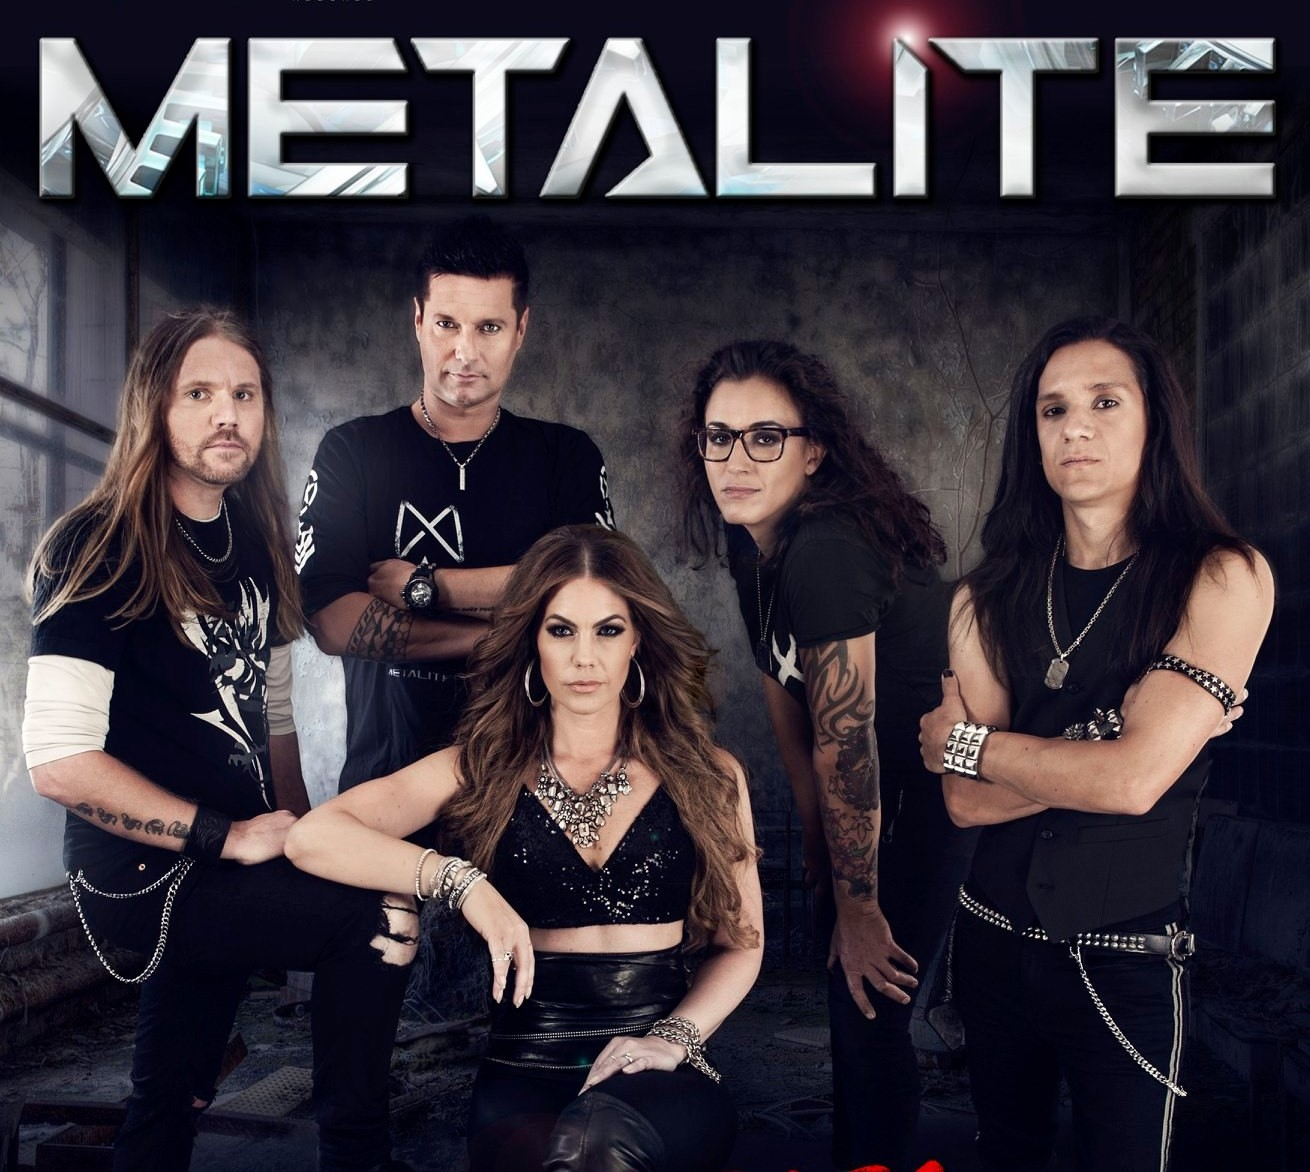 metalite pic 1